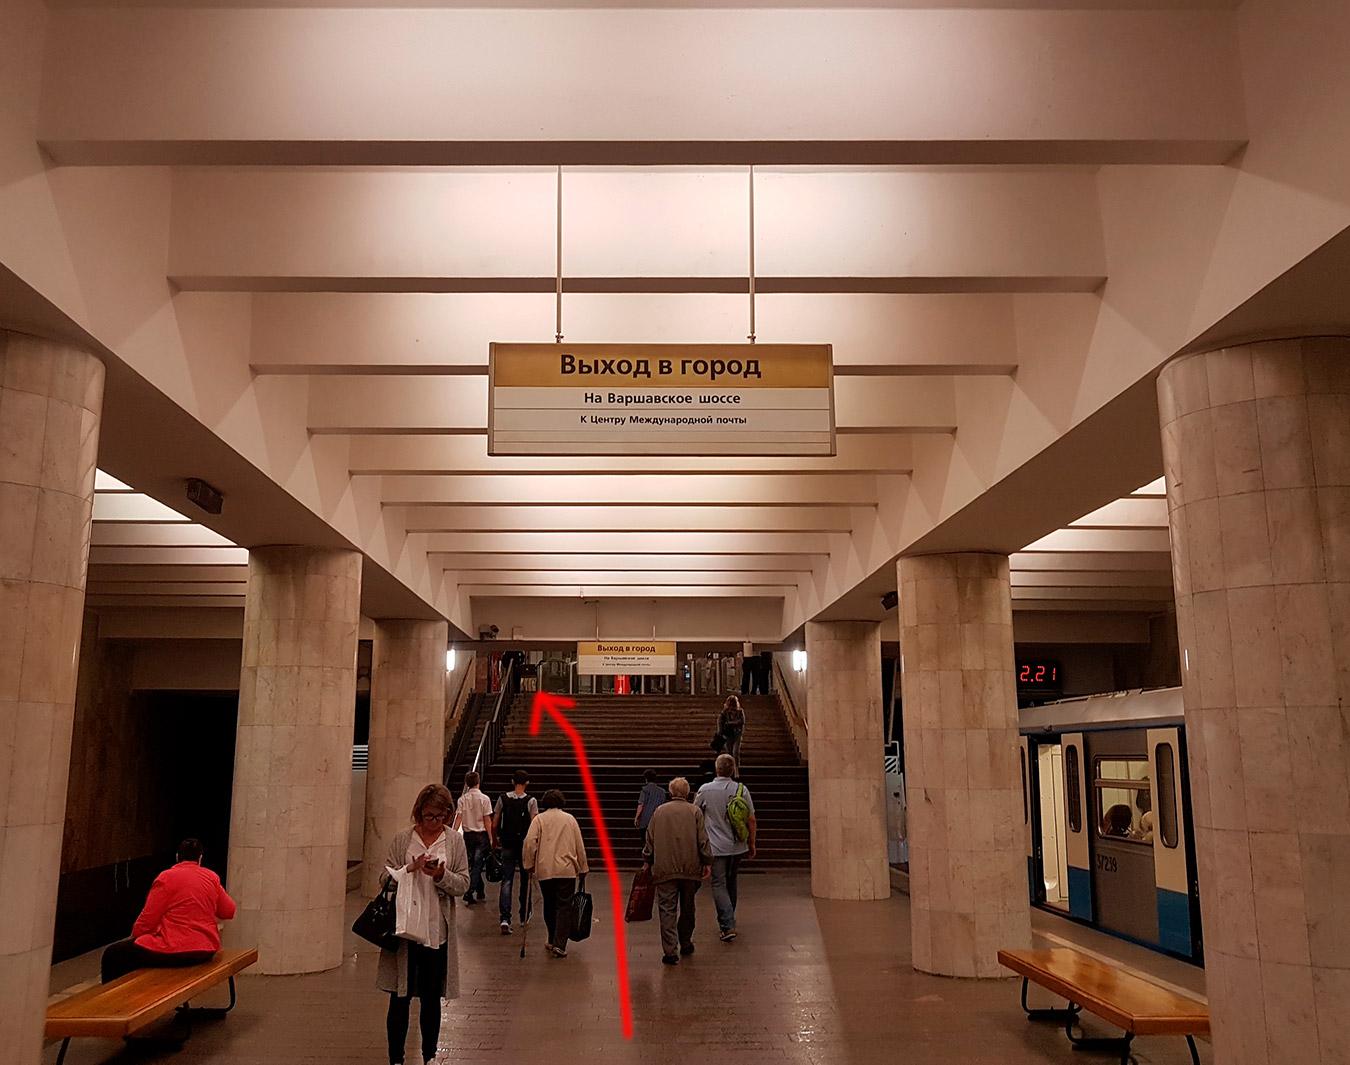 Фотография у метро варшавская